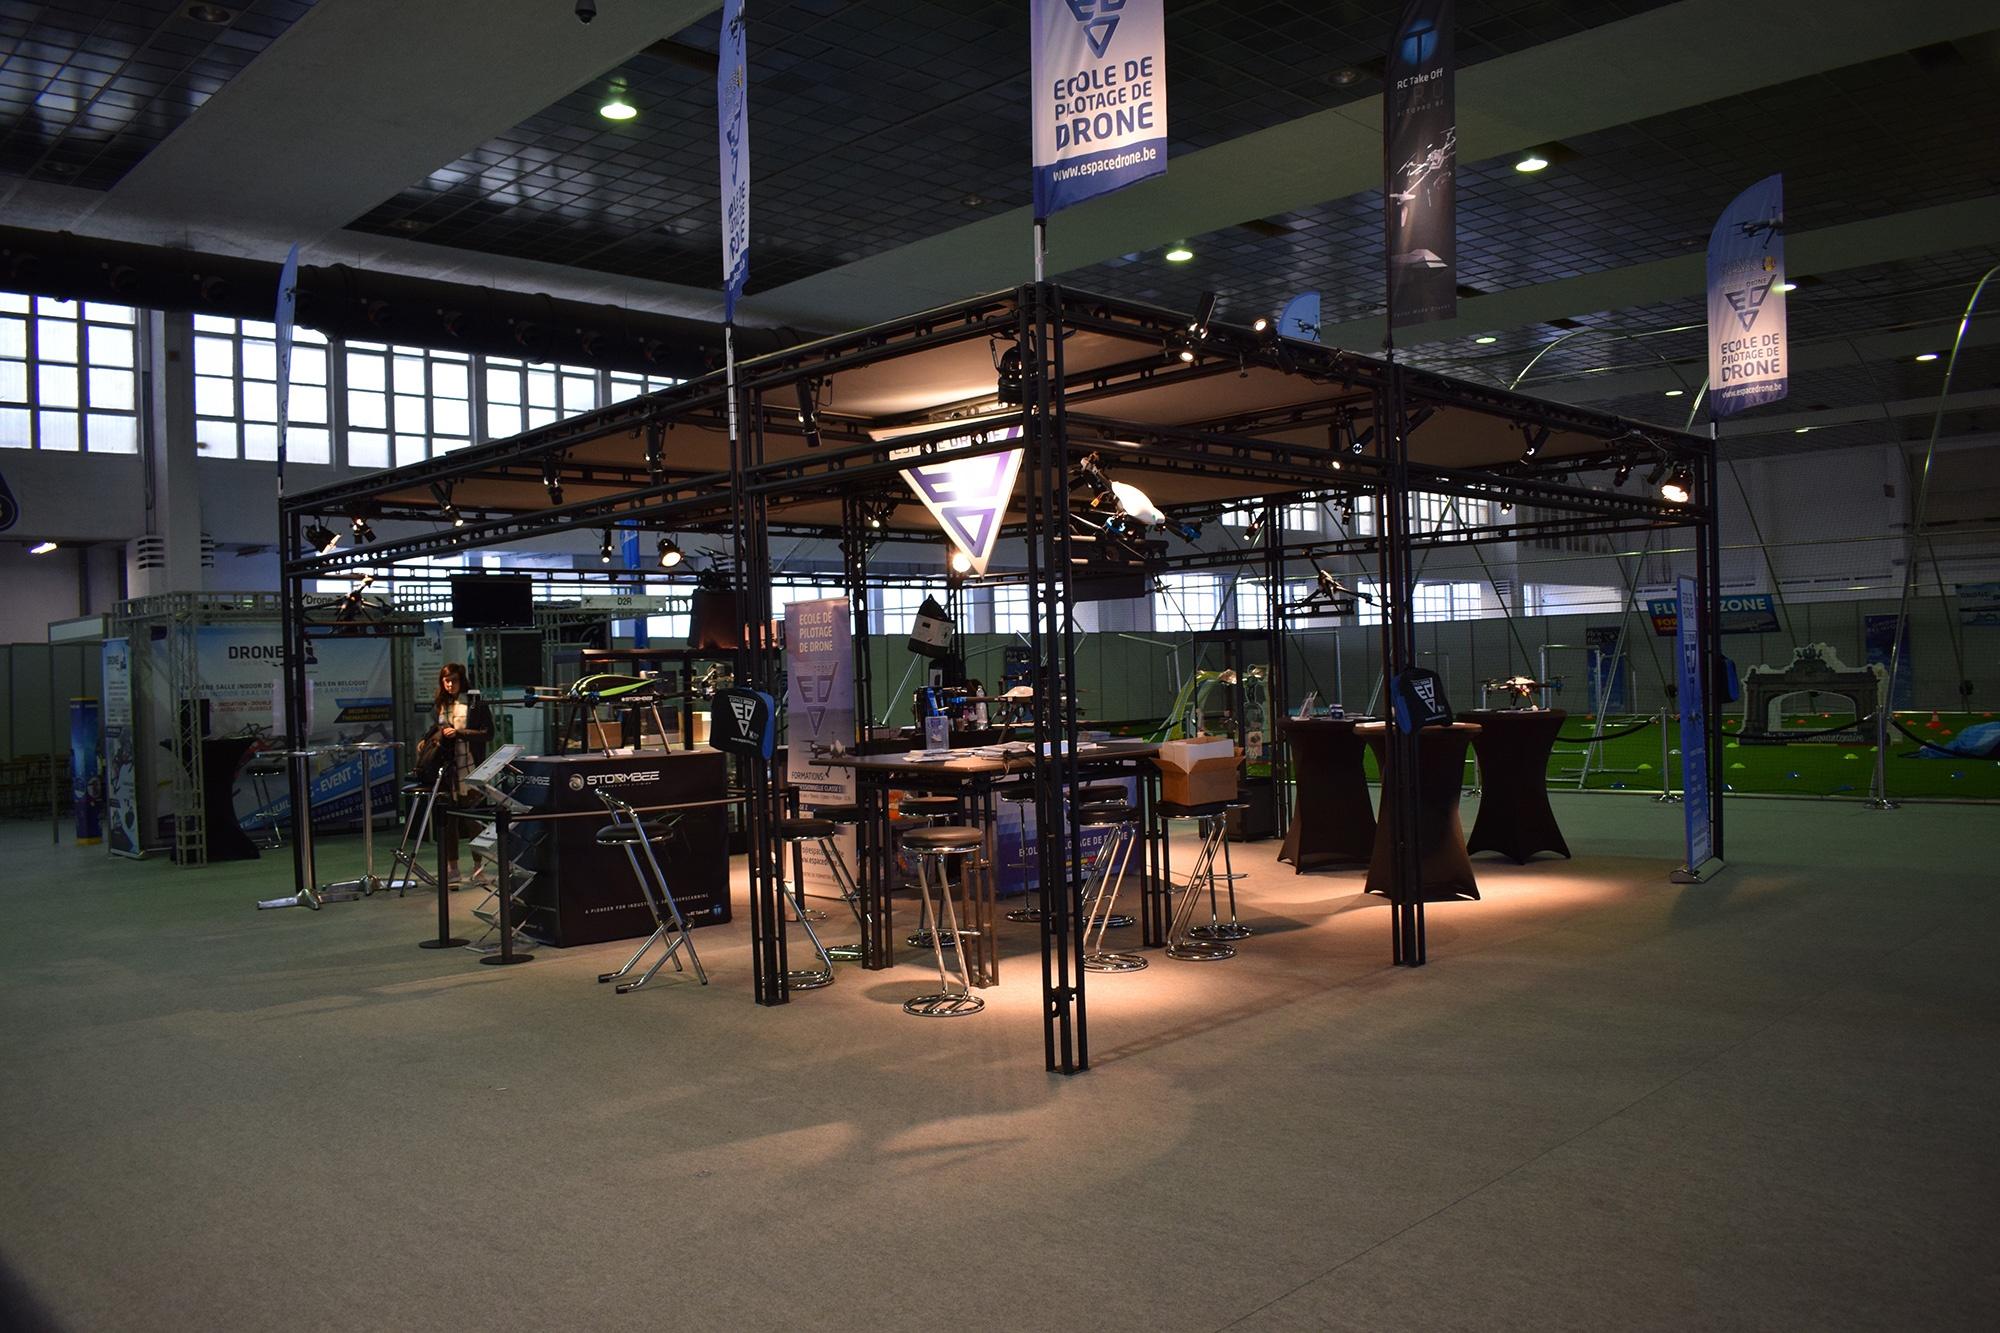 Le salon europ en du drone civil 9 10 et 11 mars 2018 for Salon agriculture bruxelles